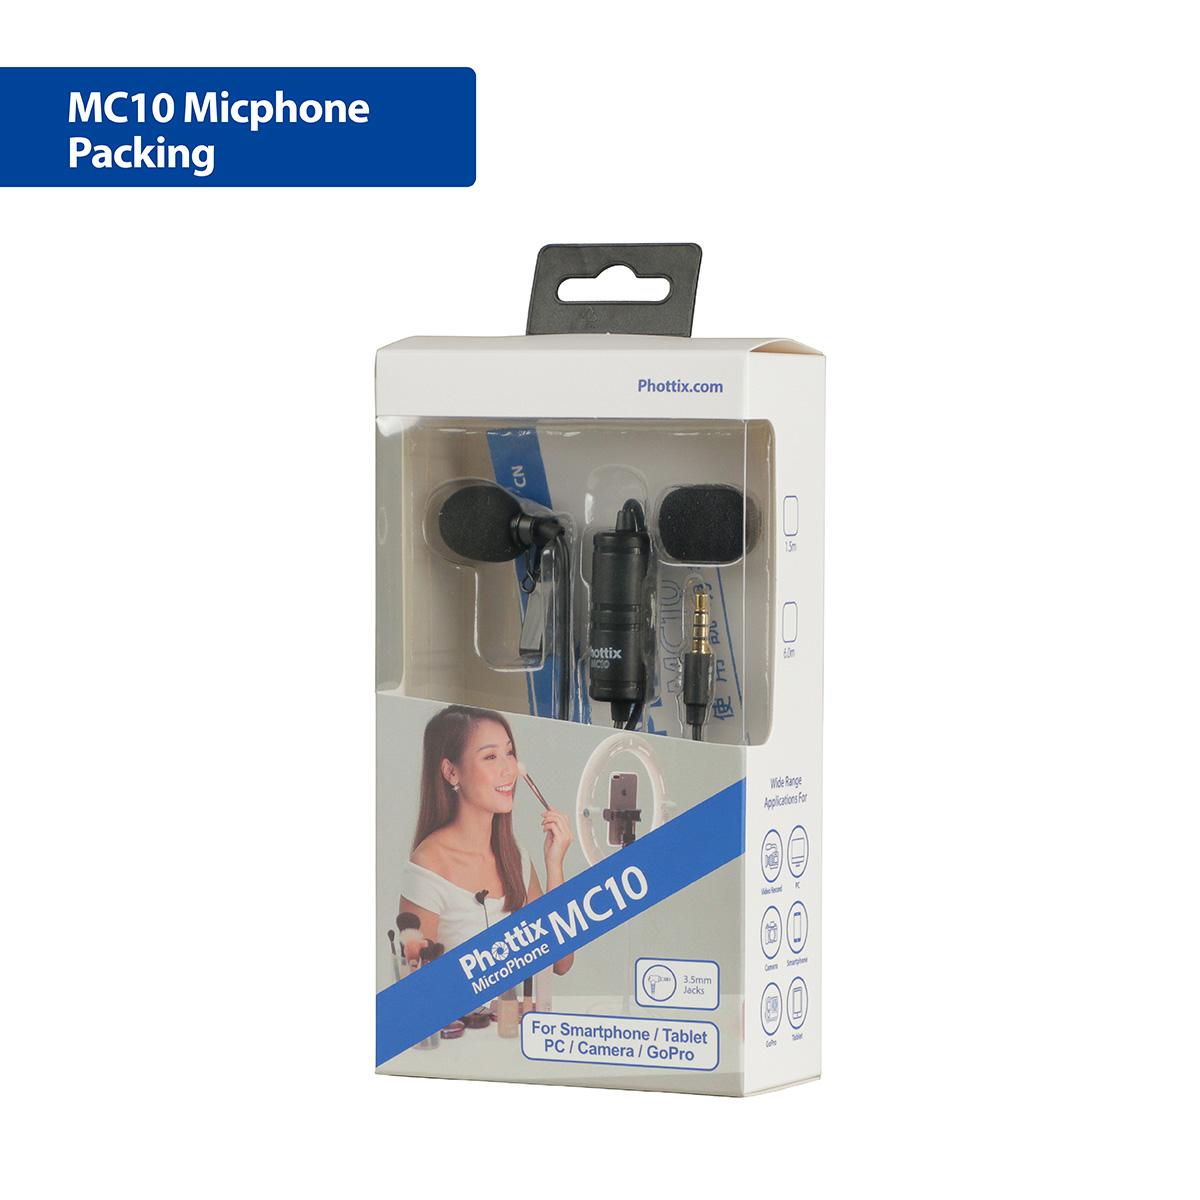 MC10 packing